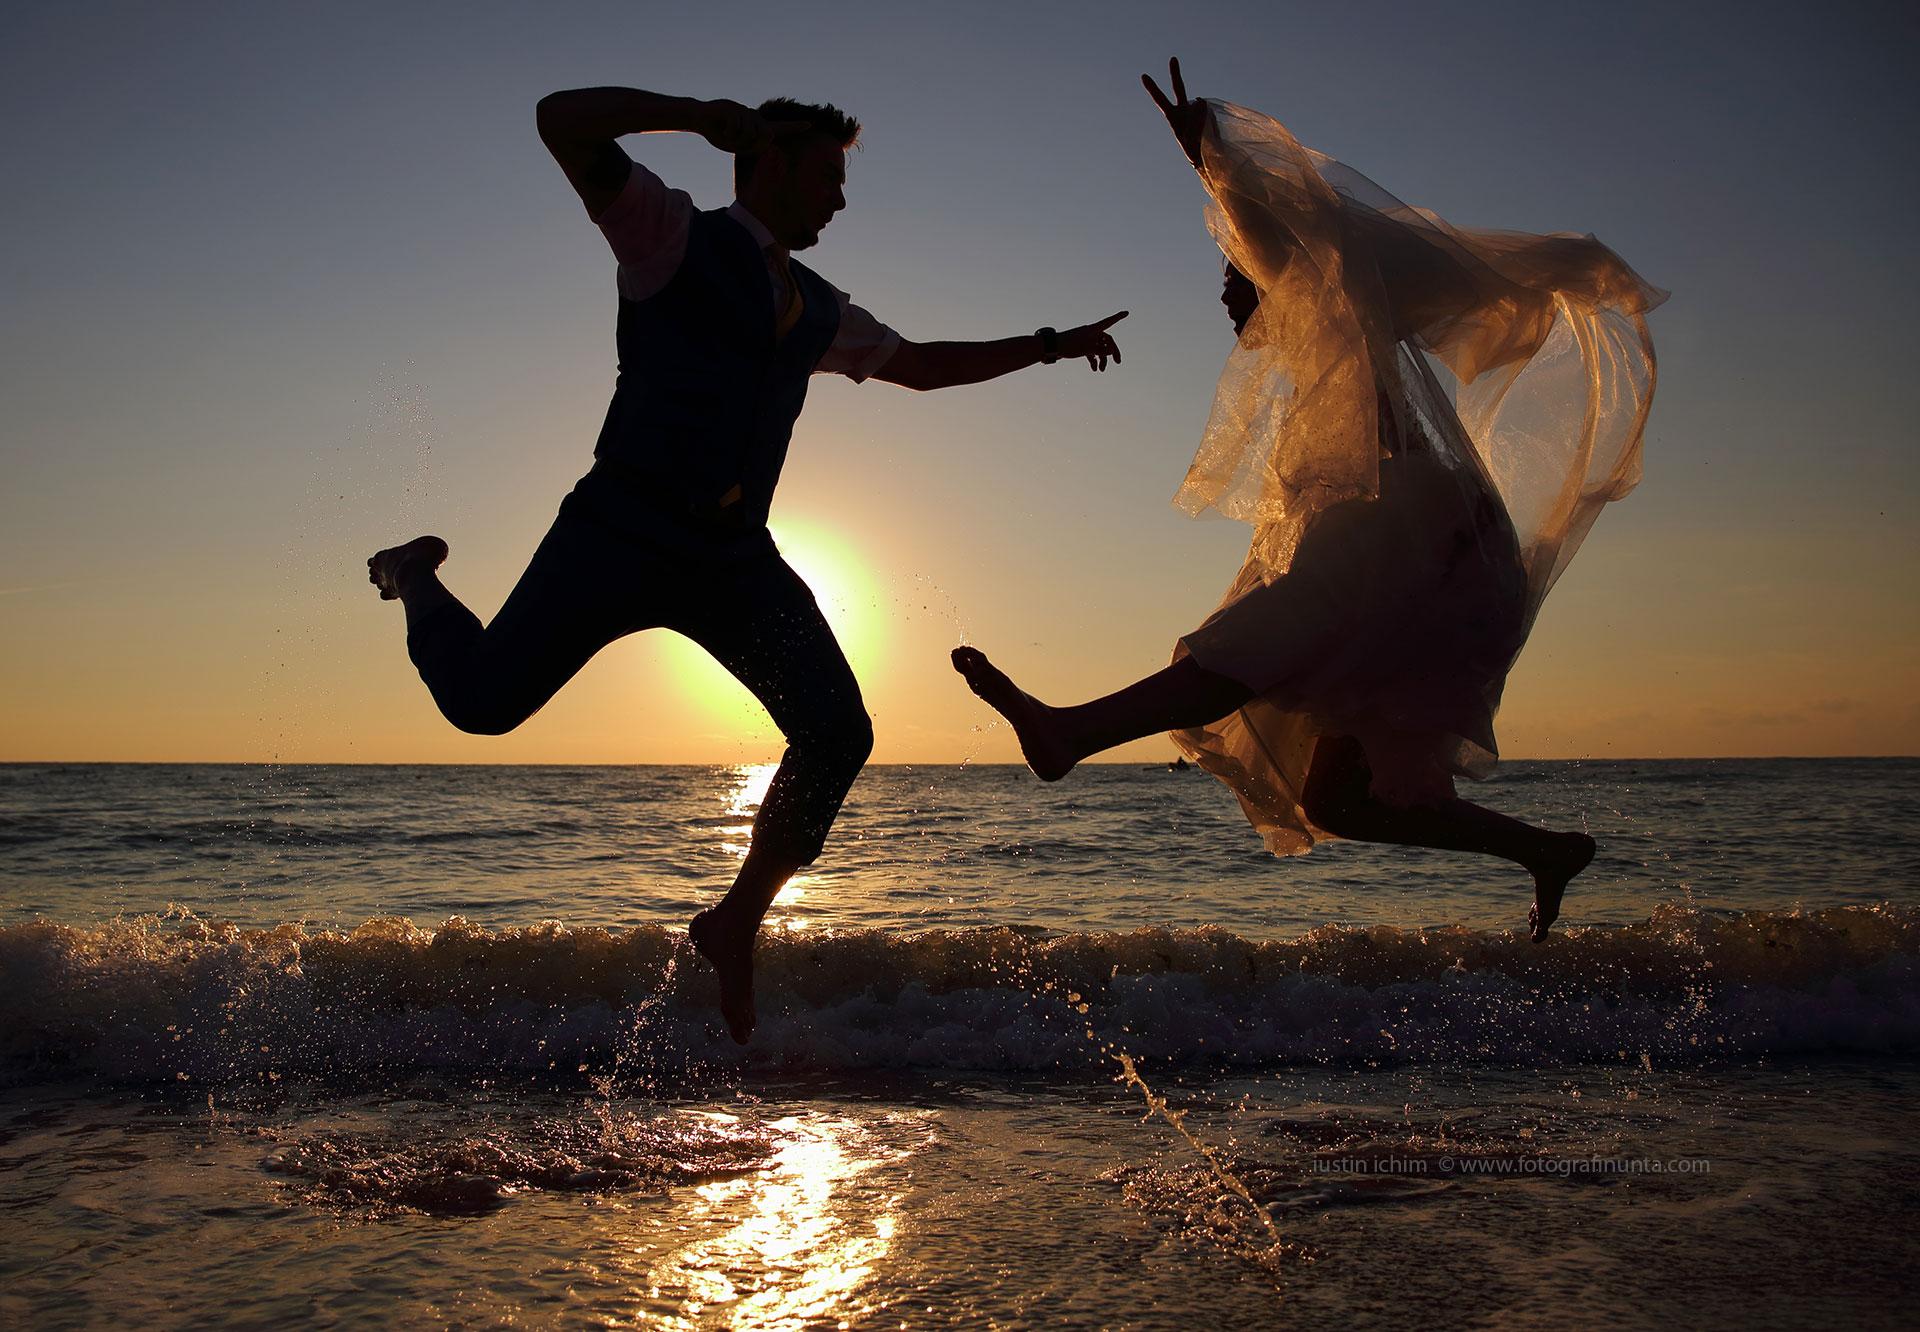 Sesiune foto Trash the dress la mare